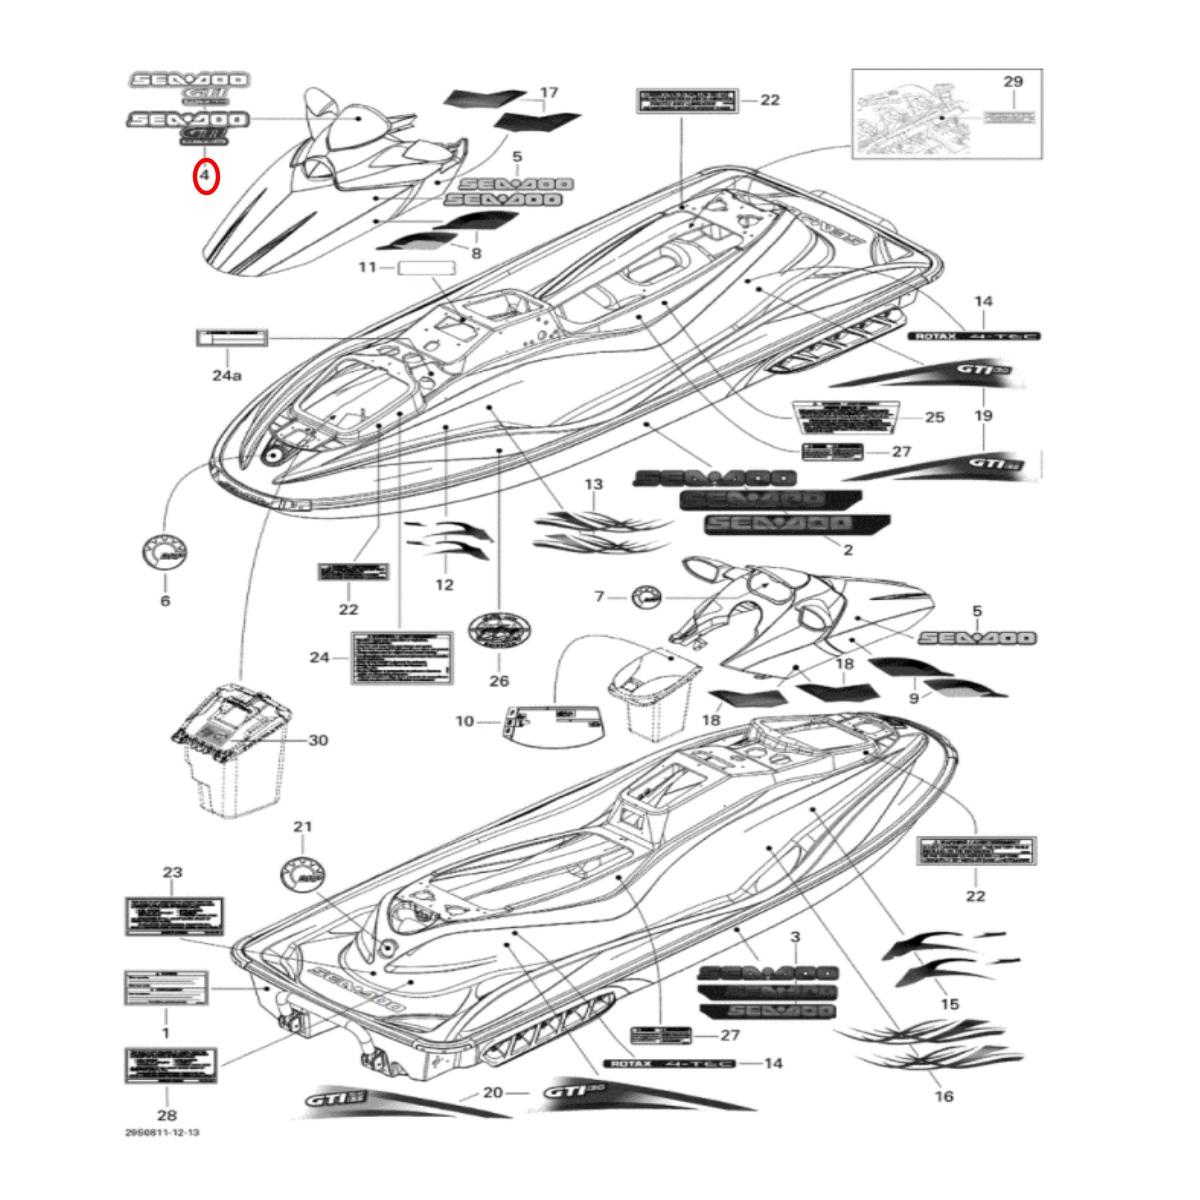 Adesivo do Defletor para Jet Ski Sea Doo GTI 4 TEC 09 Vermelho/Branco nacional  - Radical Peças - Peças para Jet Ski